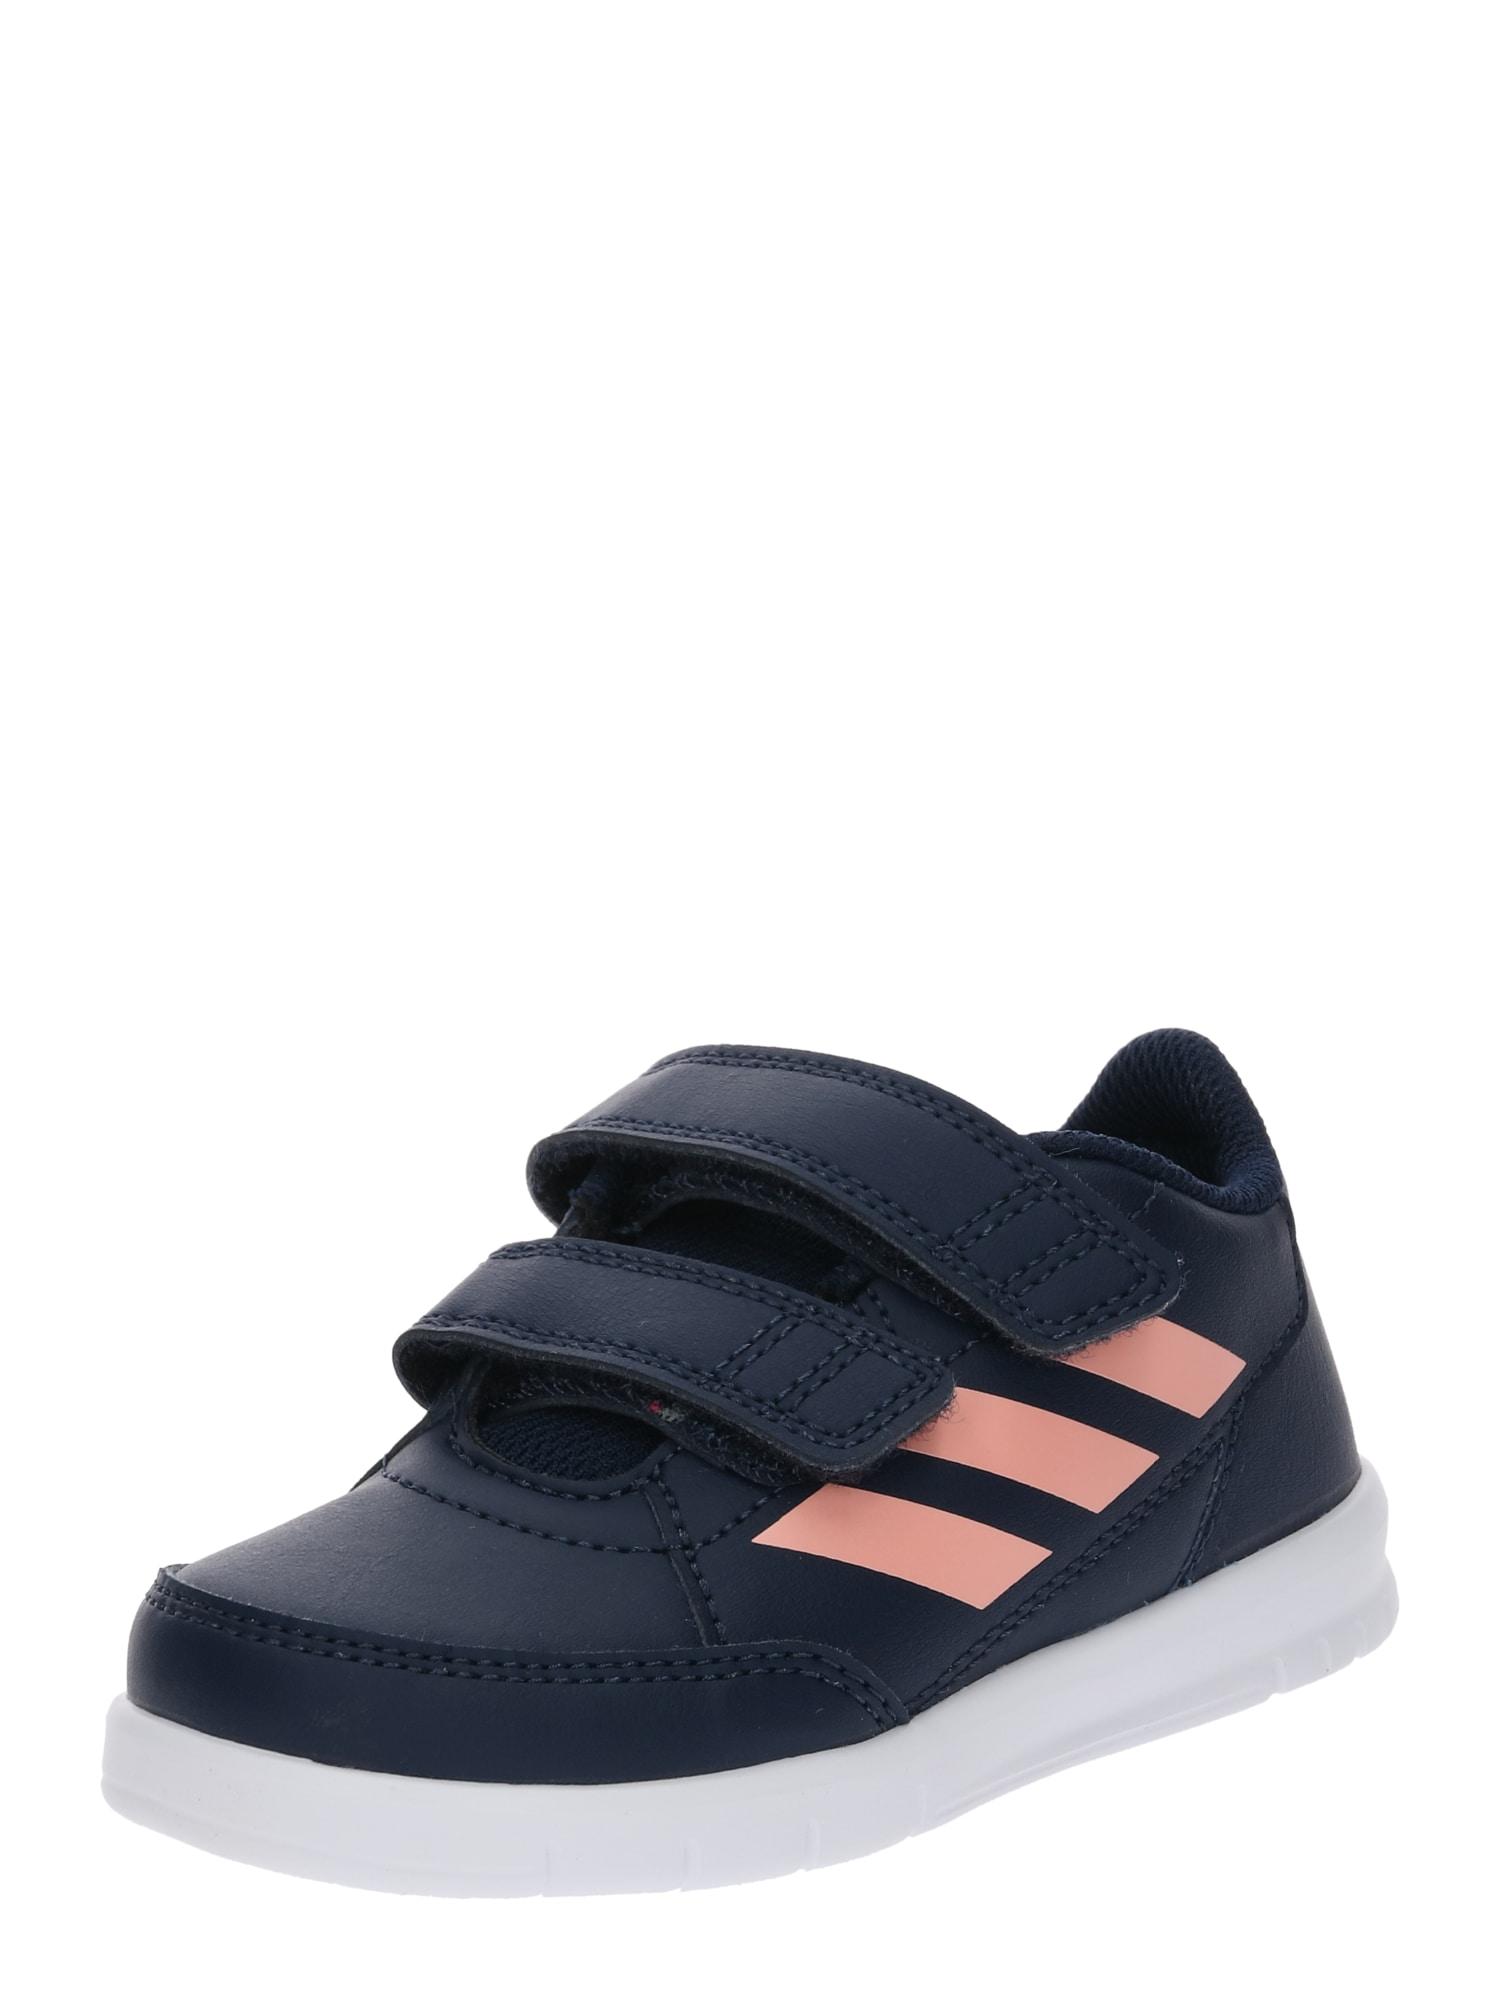 ADIDAS PERFORMANCE Sportiniai batai 'AltaSport CF I' tamsiai mėlyna / rožių spalva